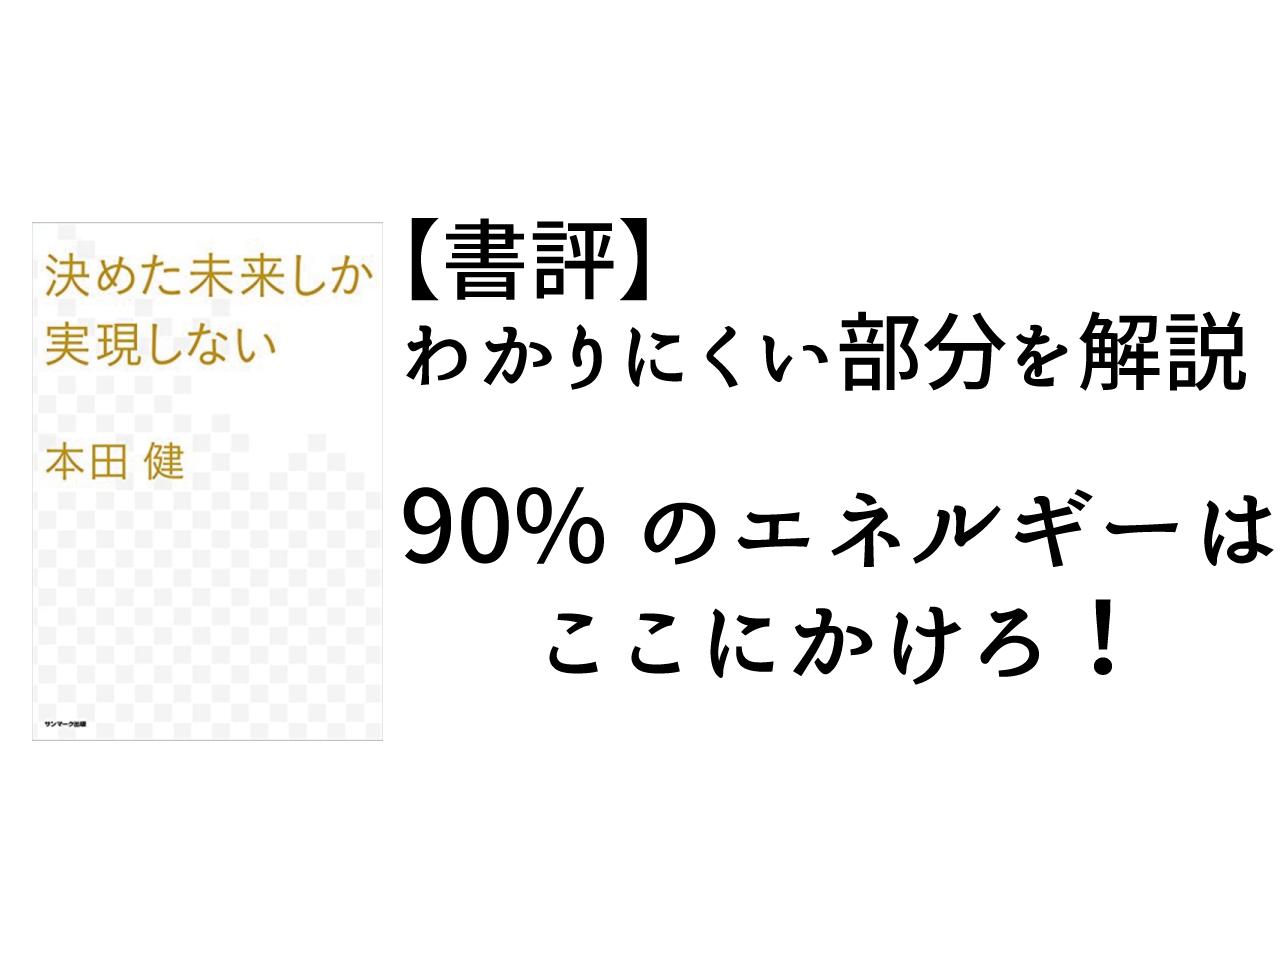 【書評】本田健『決めた未来しか実現しない』の感想〜エネルギーの90%はここにかけろ!〜